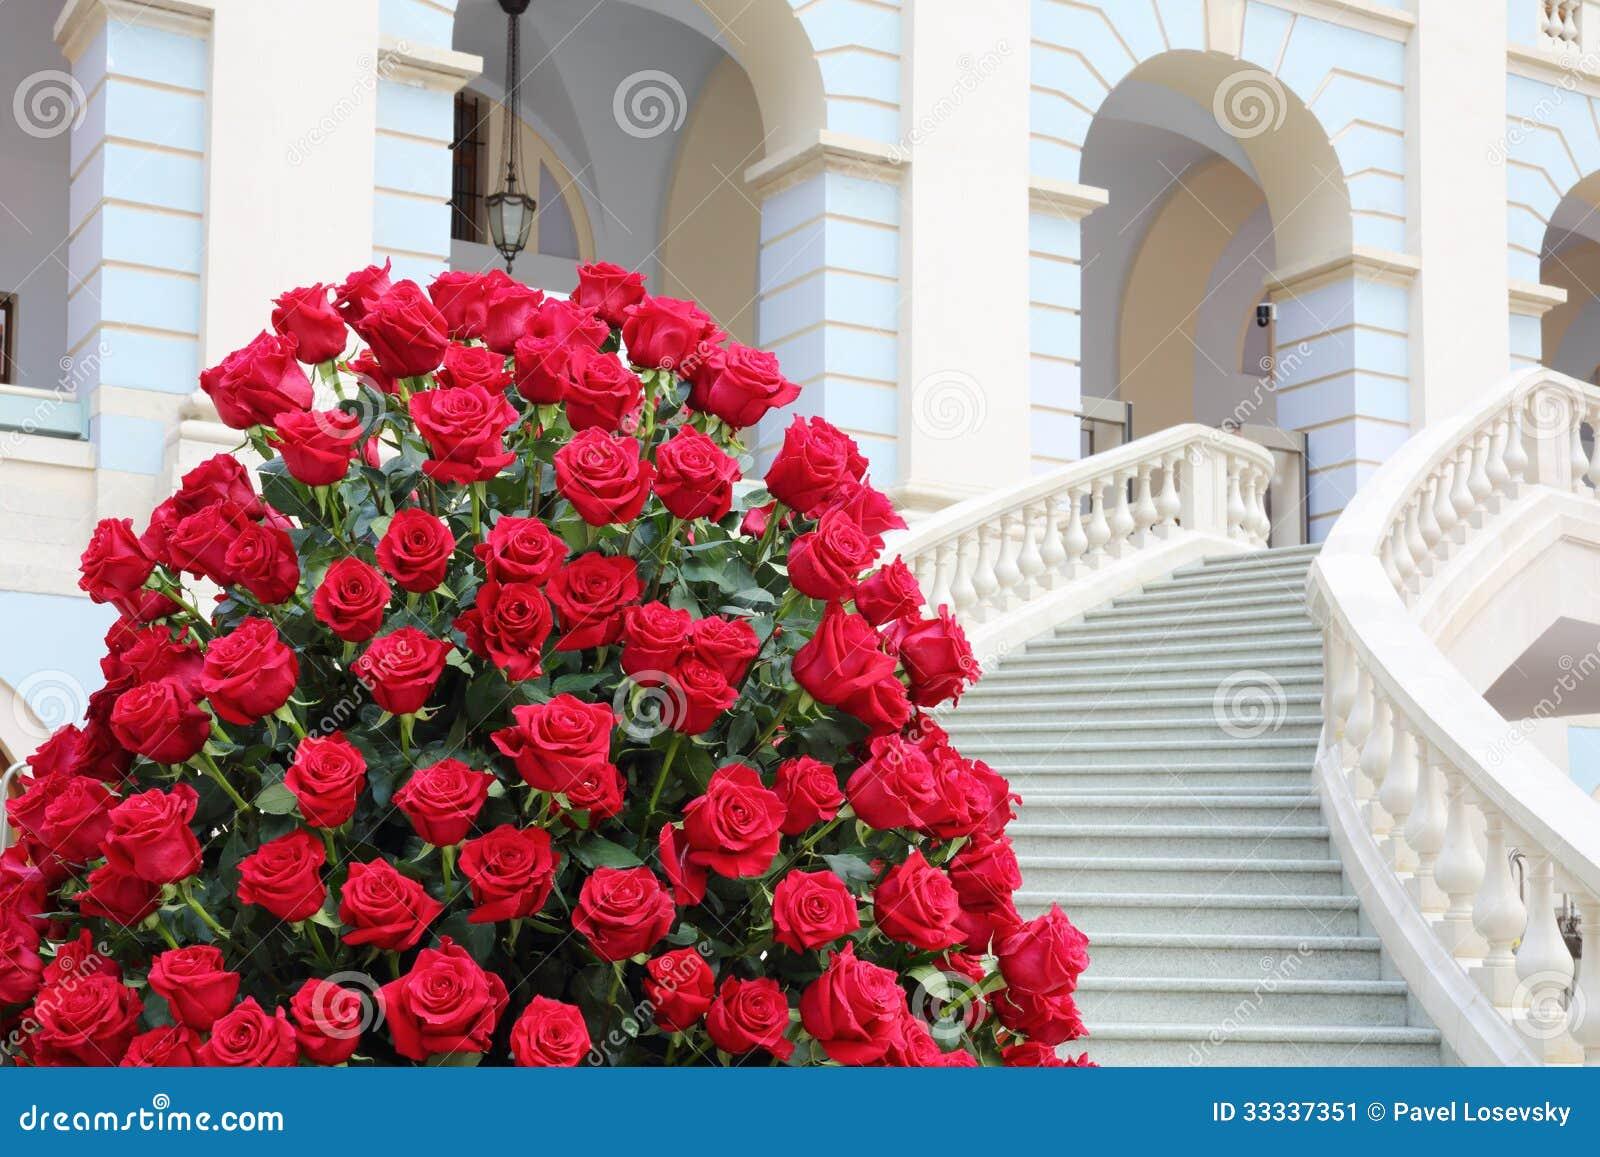 El ramo hermoso grande de rosas rojas acerca a la escalera - Ramos de flores grandes ...